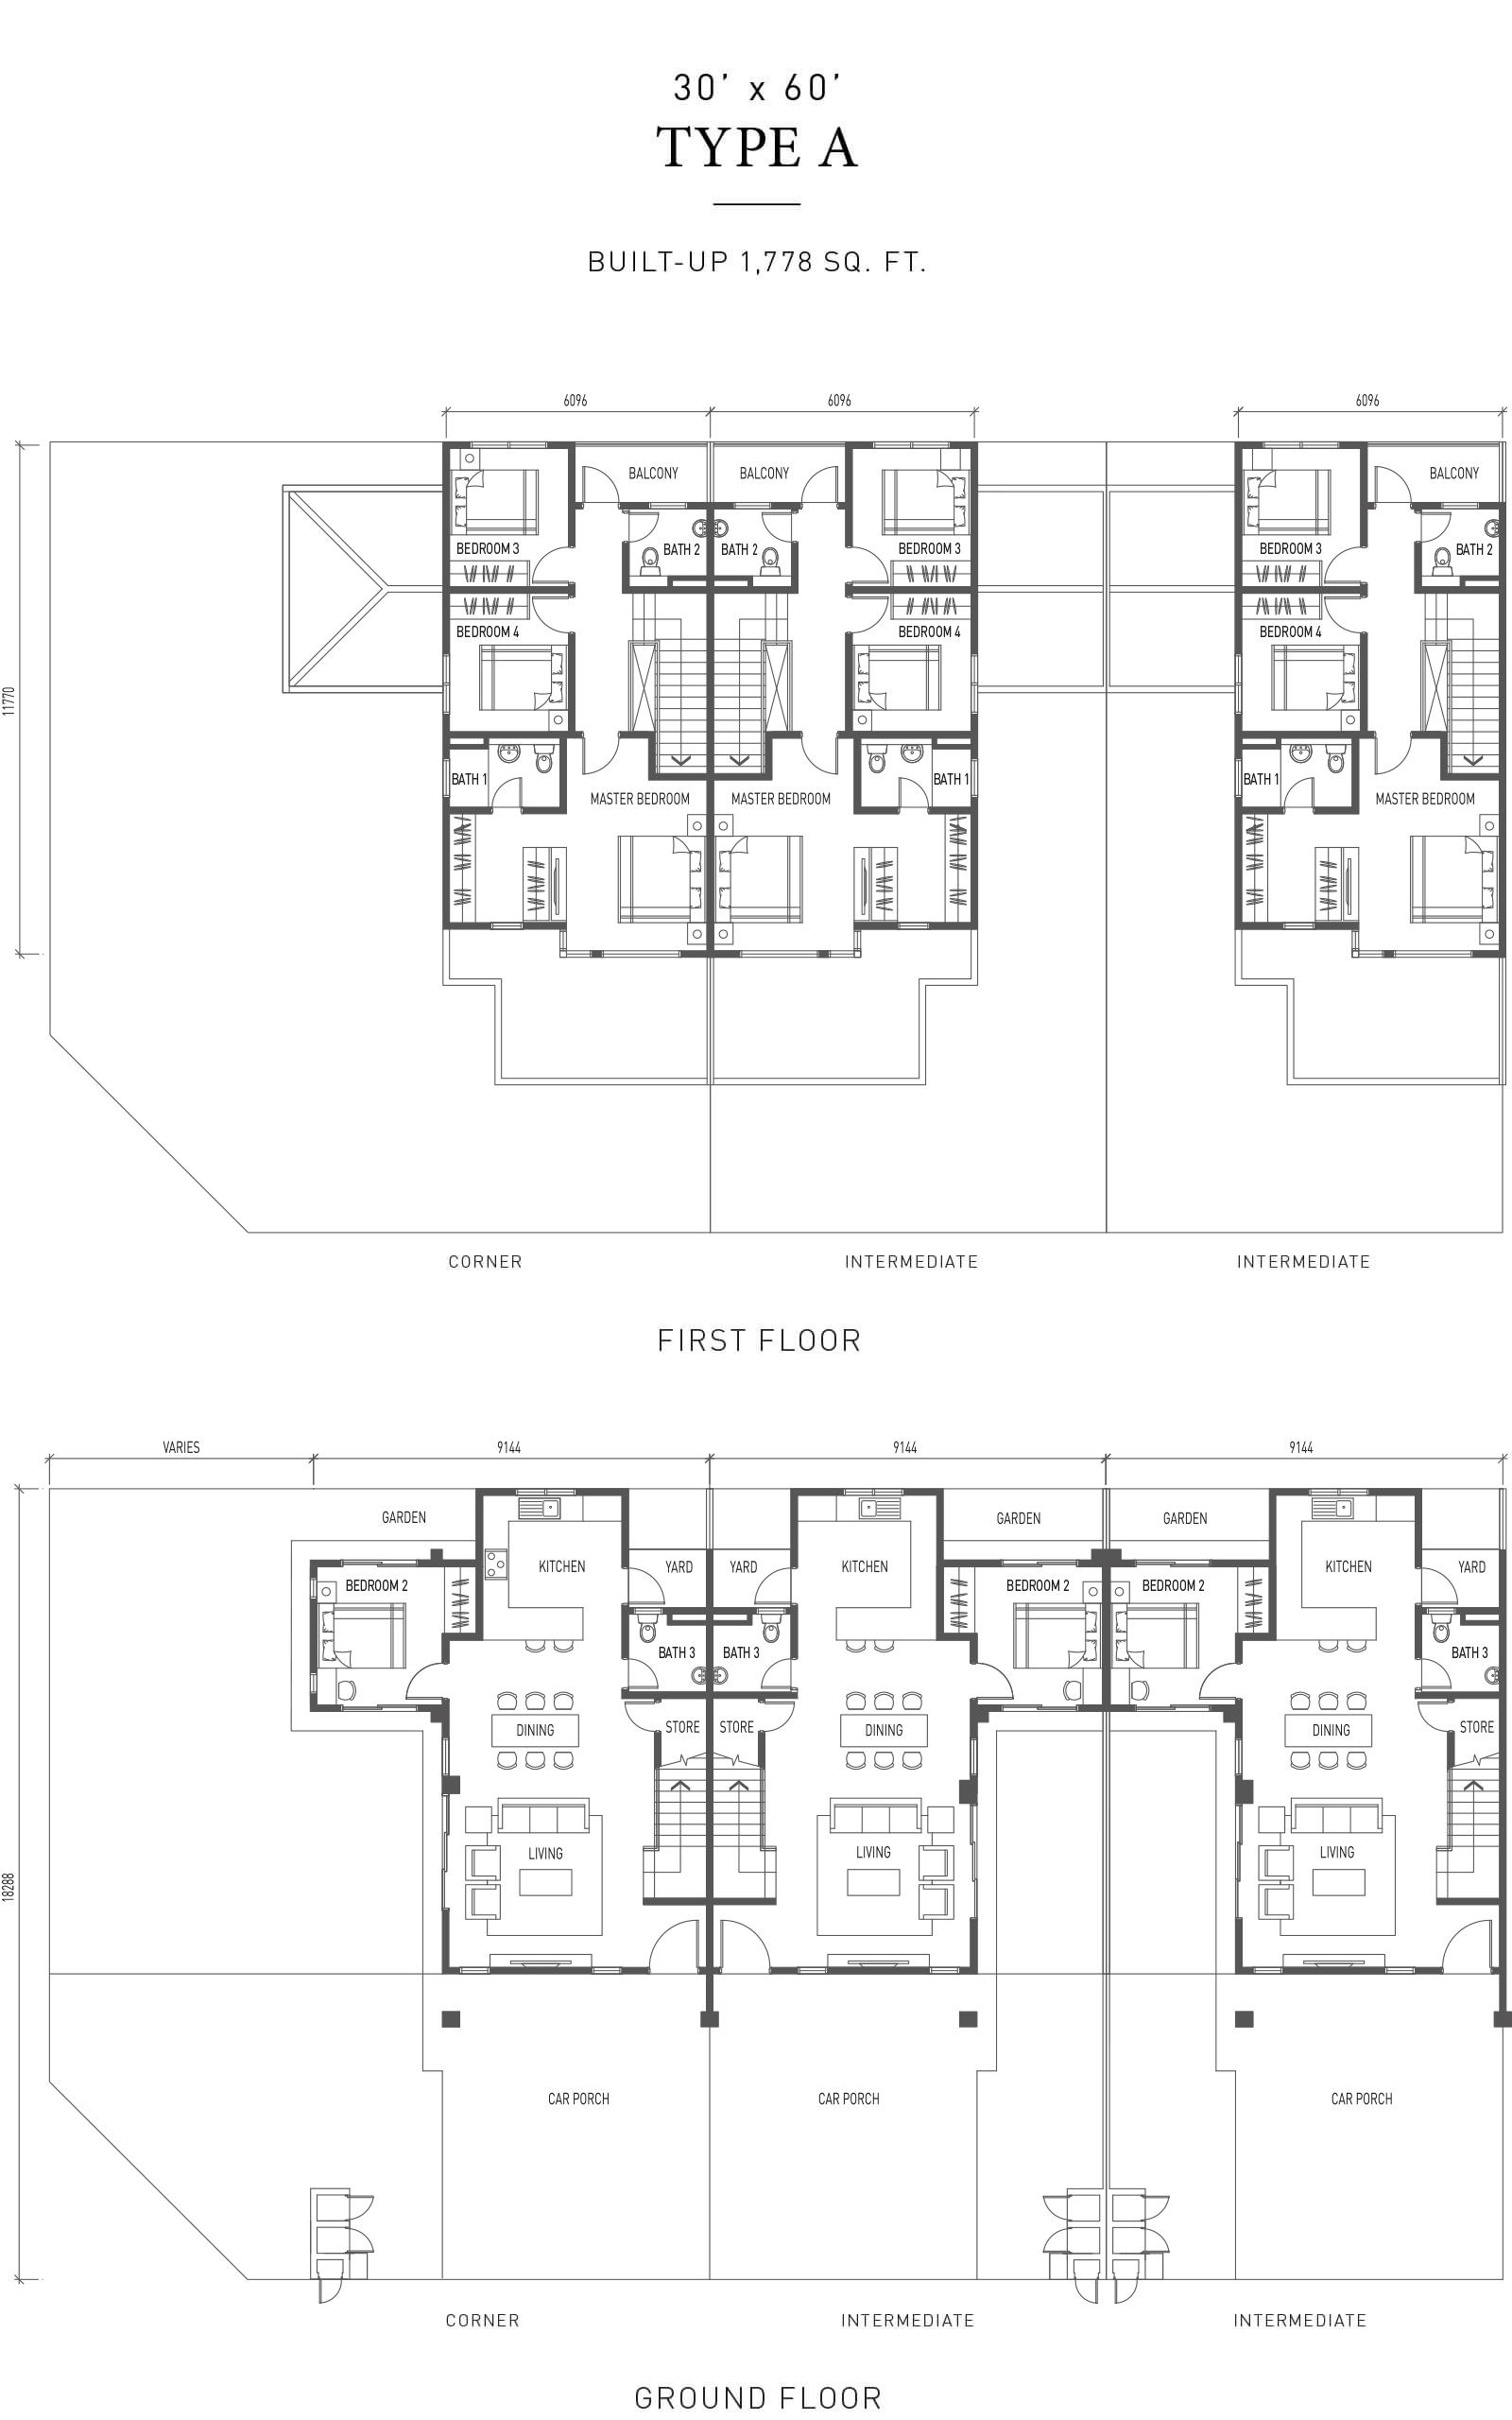 100 pics photos 30x60 floor plans peaceful design ideas for 100 floors floor 60